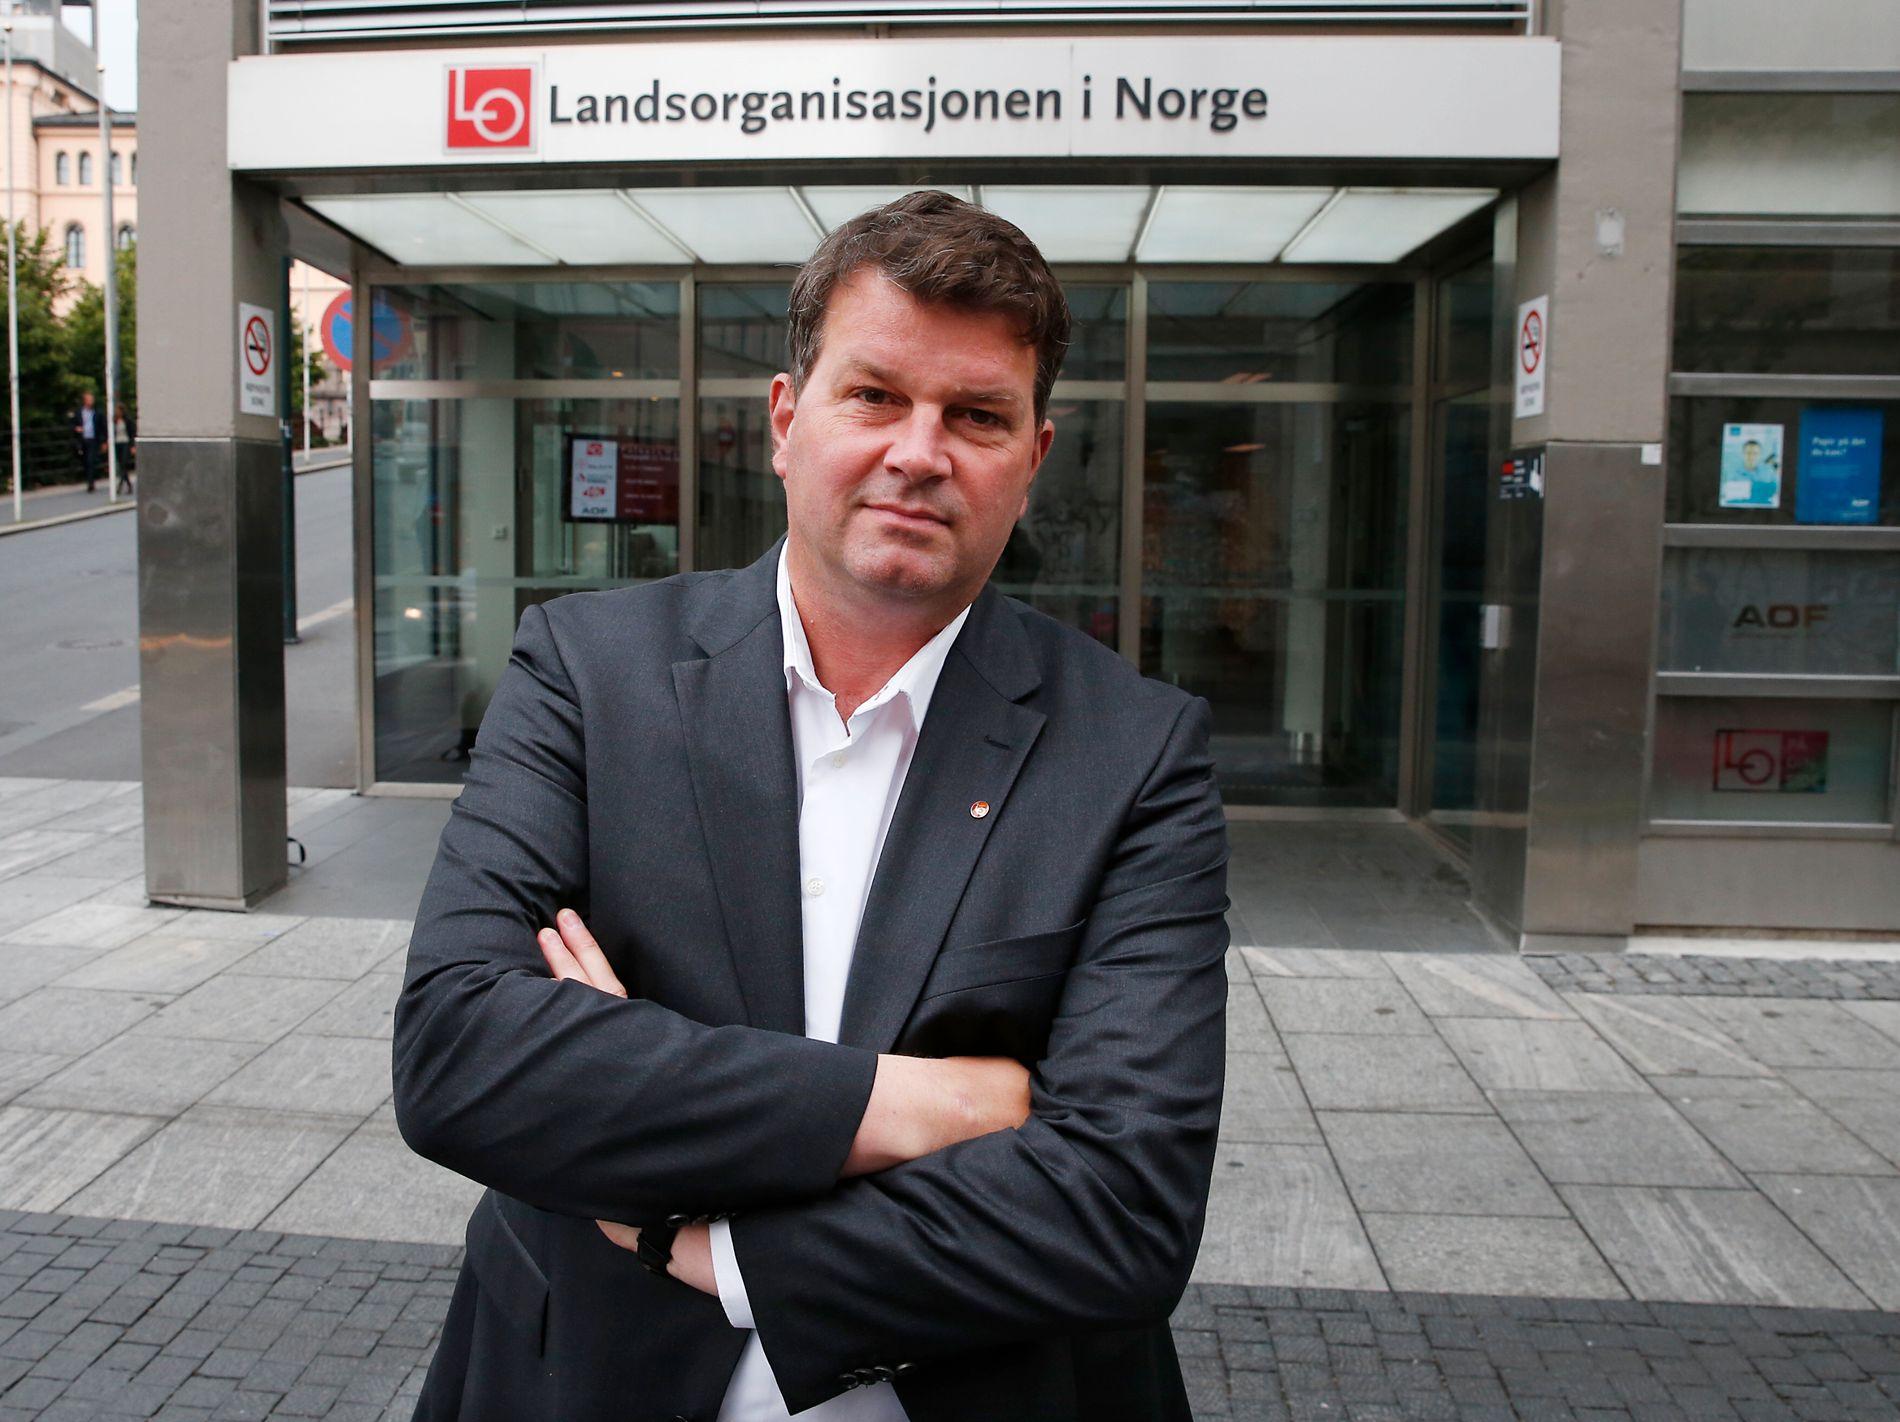 PÅ VEI OPP: LO-nestleder Hans-Christian Gabrielsen ligger an til å bli ny LO-leder etter Gerd Kristiansen på LO-kongressen i mai.